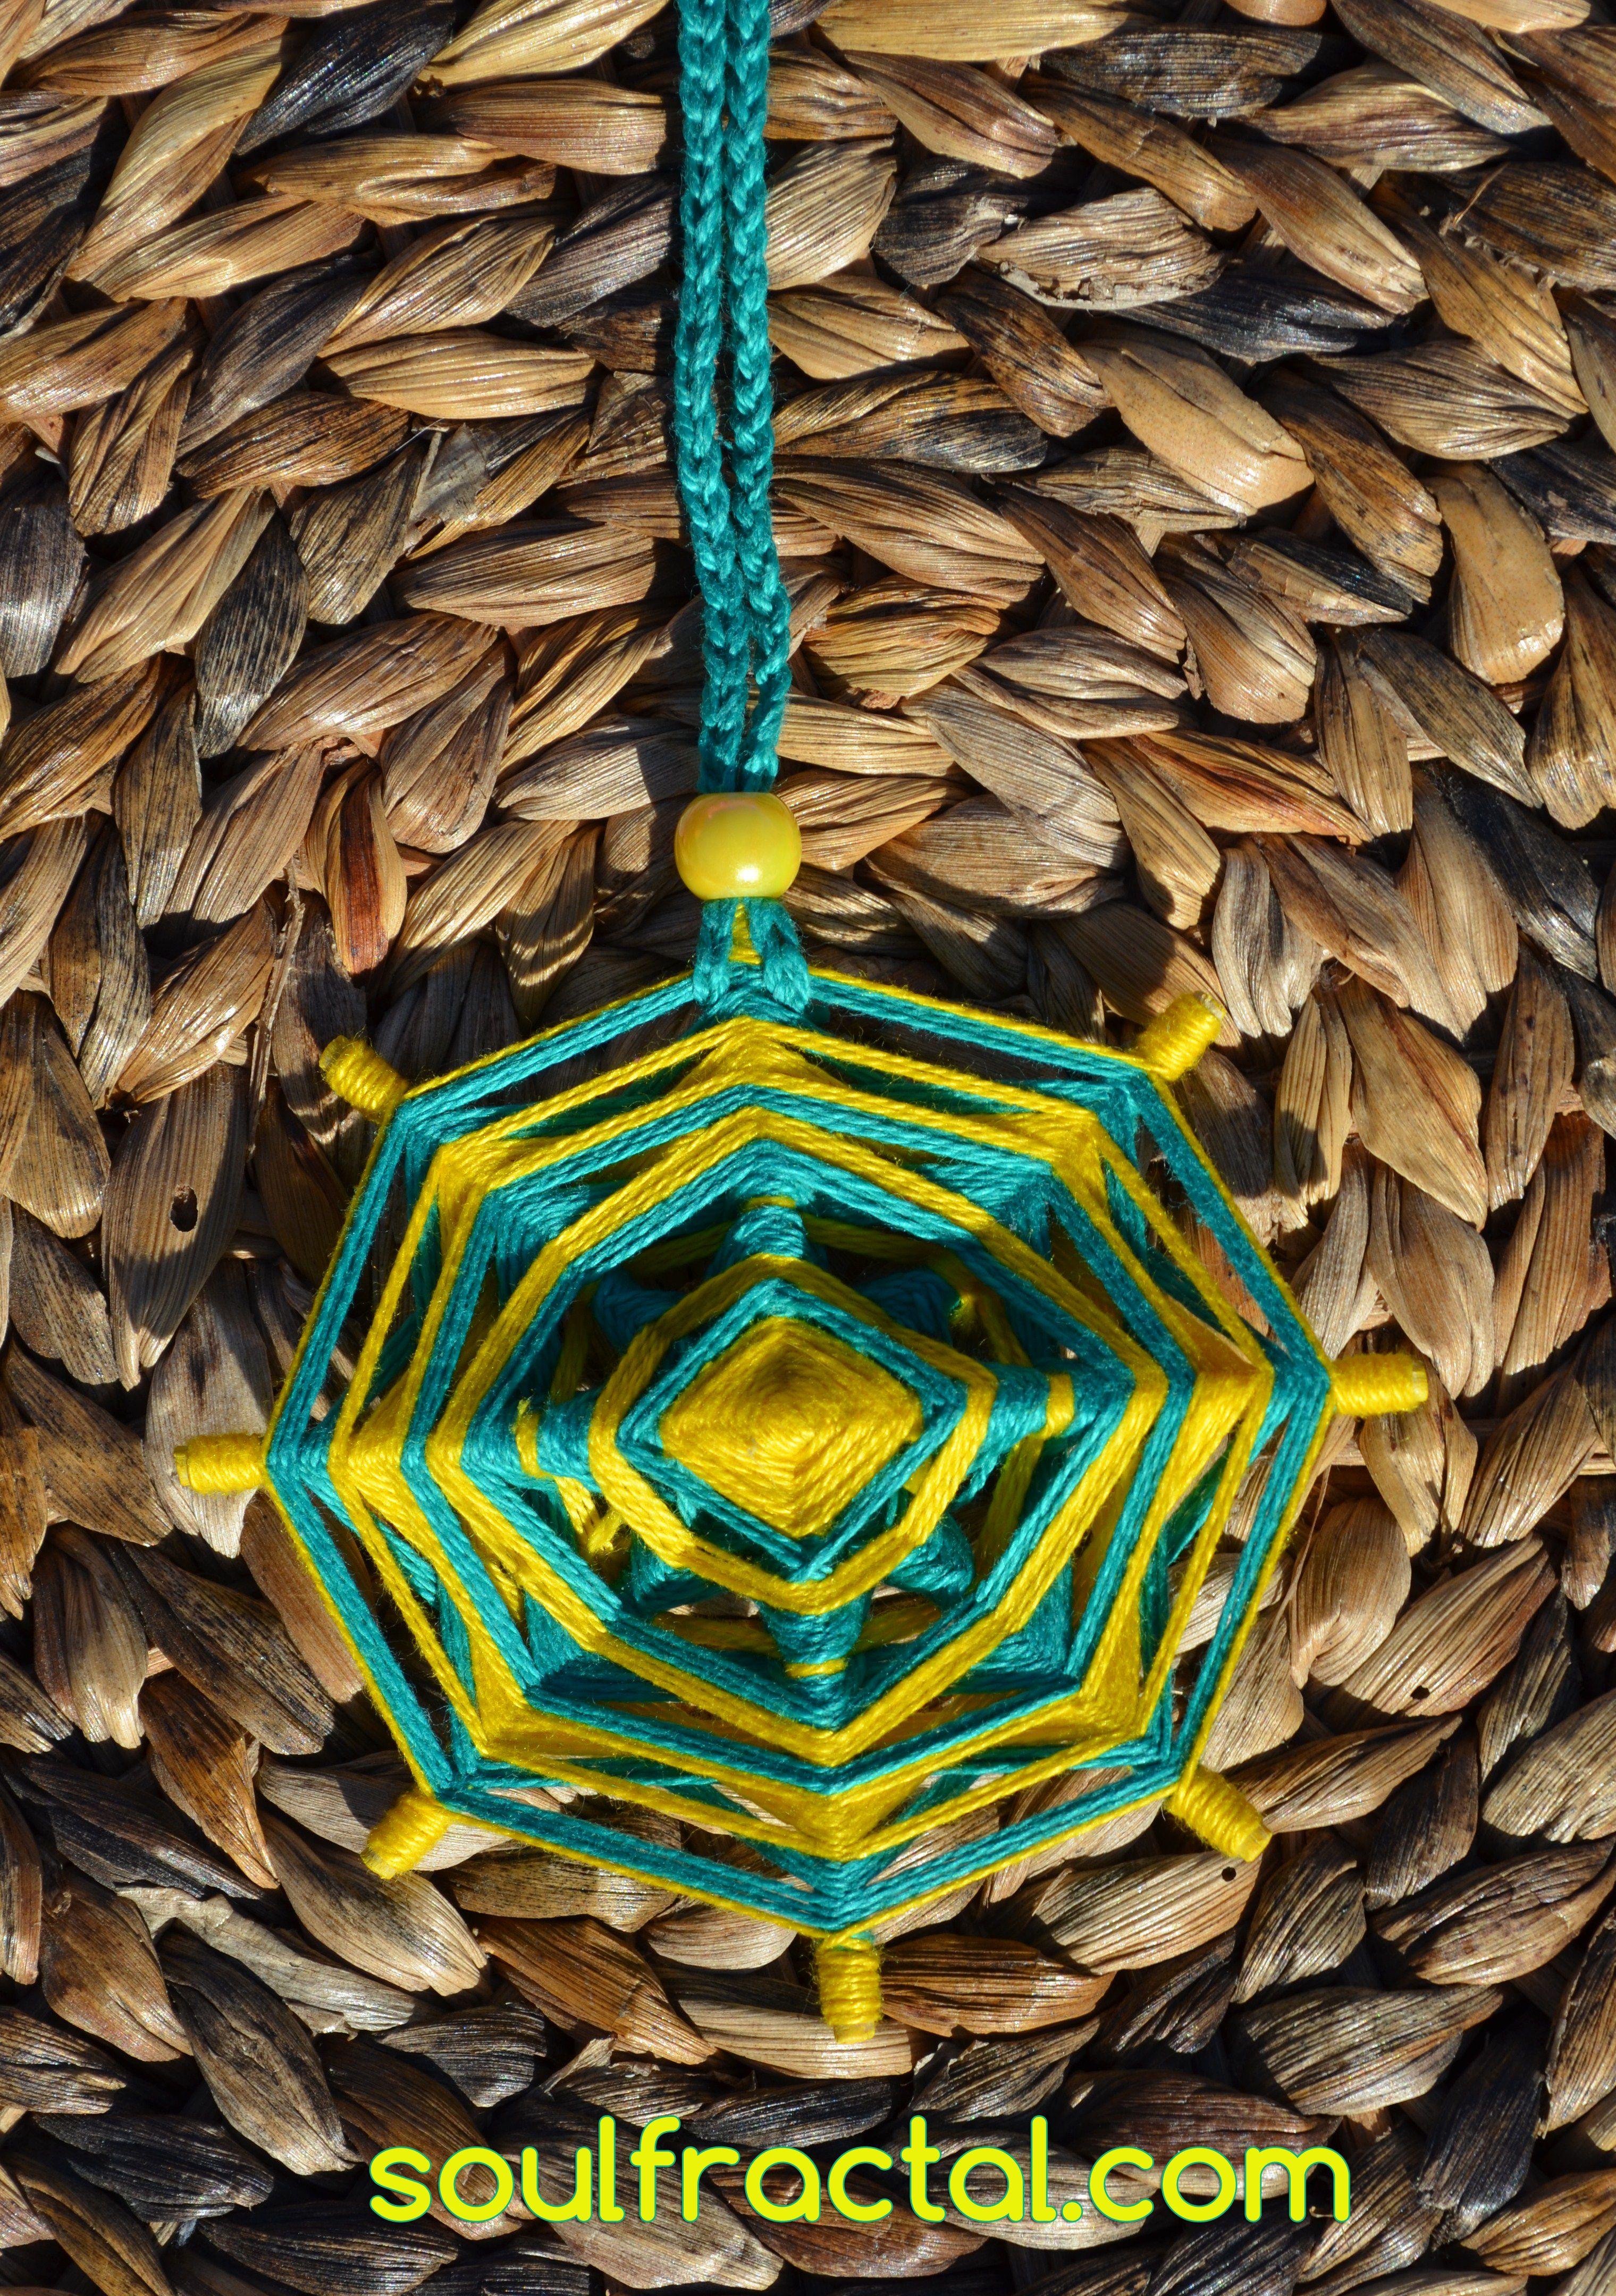 ❥ Mandala pequeño de 8 puntas tejido con hilo de algodón puro egipcio. Dependiendo de como lo coloques y la Luz/Sol que le dé, encontrarás matices e inspiración diferente y extraordinaria... que te ofrecerá Paz y Serenidad al instante. + Descripción en web ツ #talisman #meditación #relajación #mandalas #creatividad #color #luz #serenidad #unidad #protección #magia #decoración #espitritualidad #arte #ArteSano